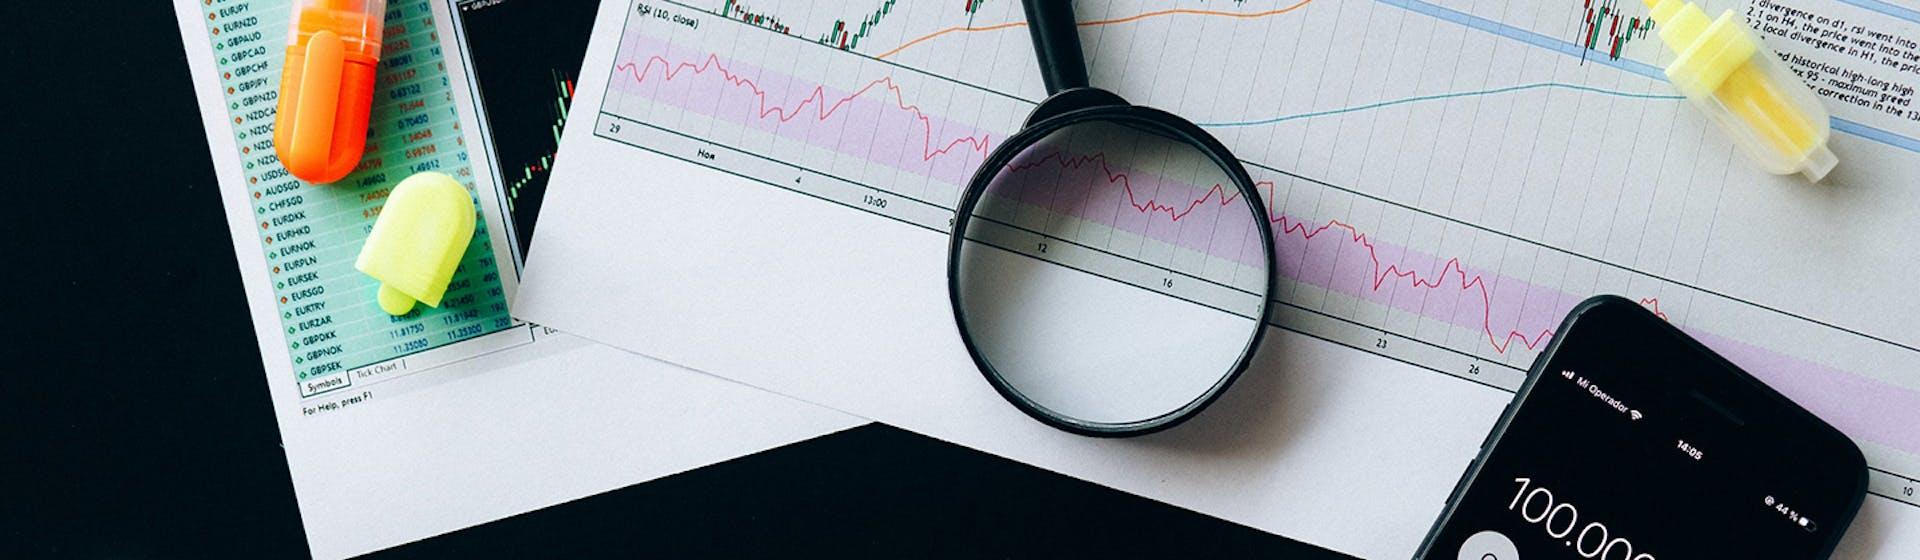 Descubre qué es Venture Capital: las mejores inversiones orientadas a tecnología